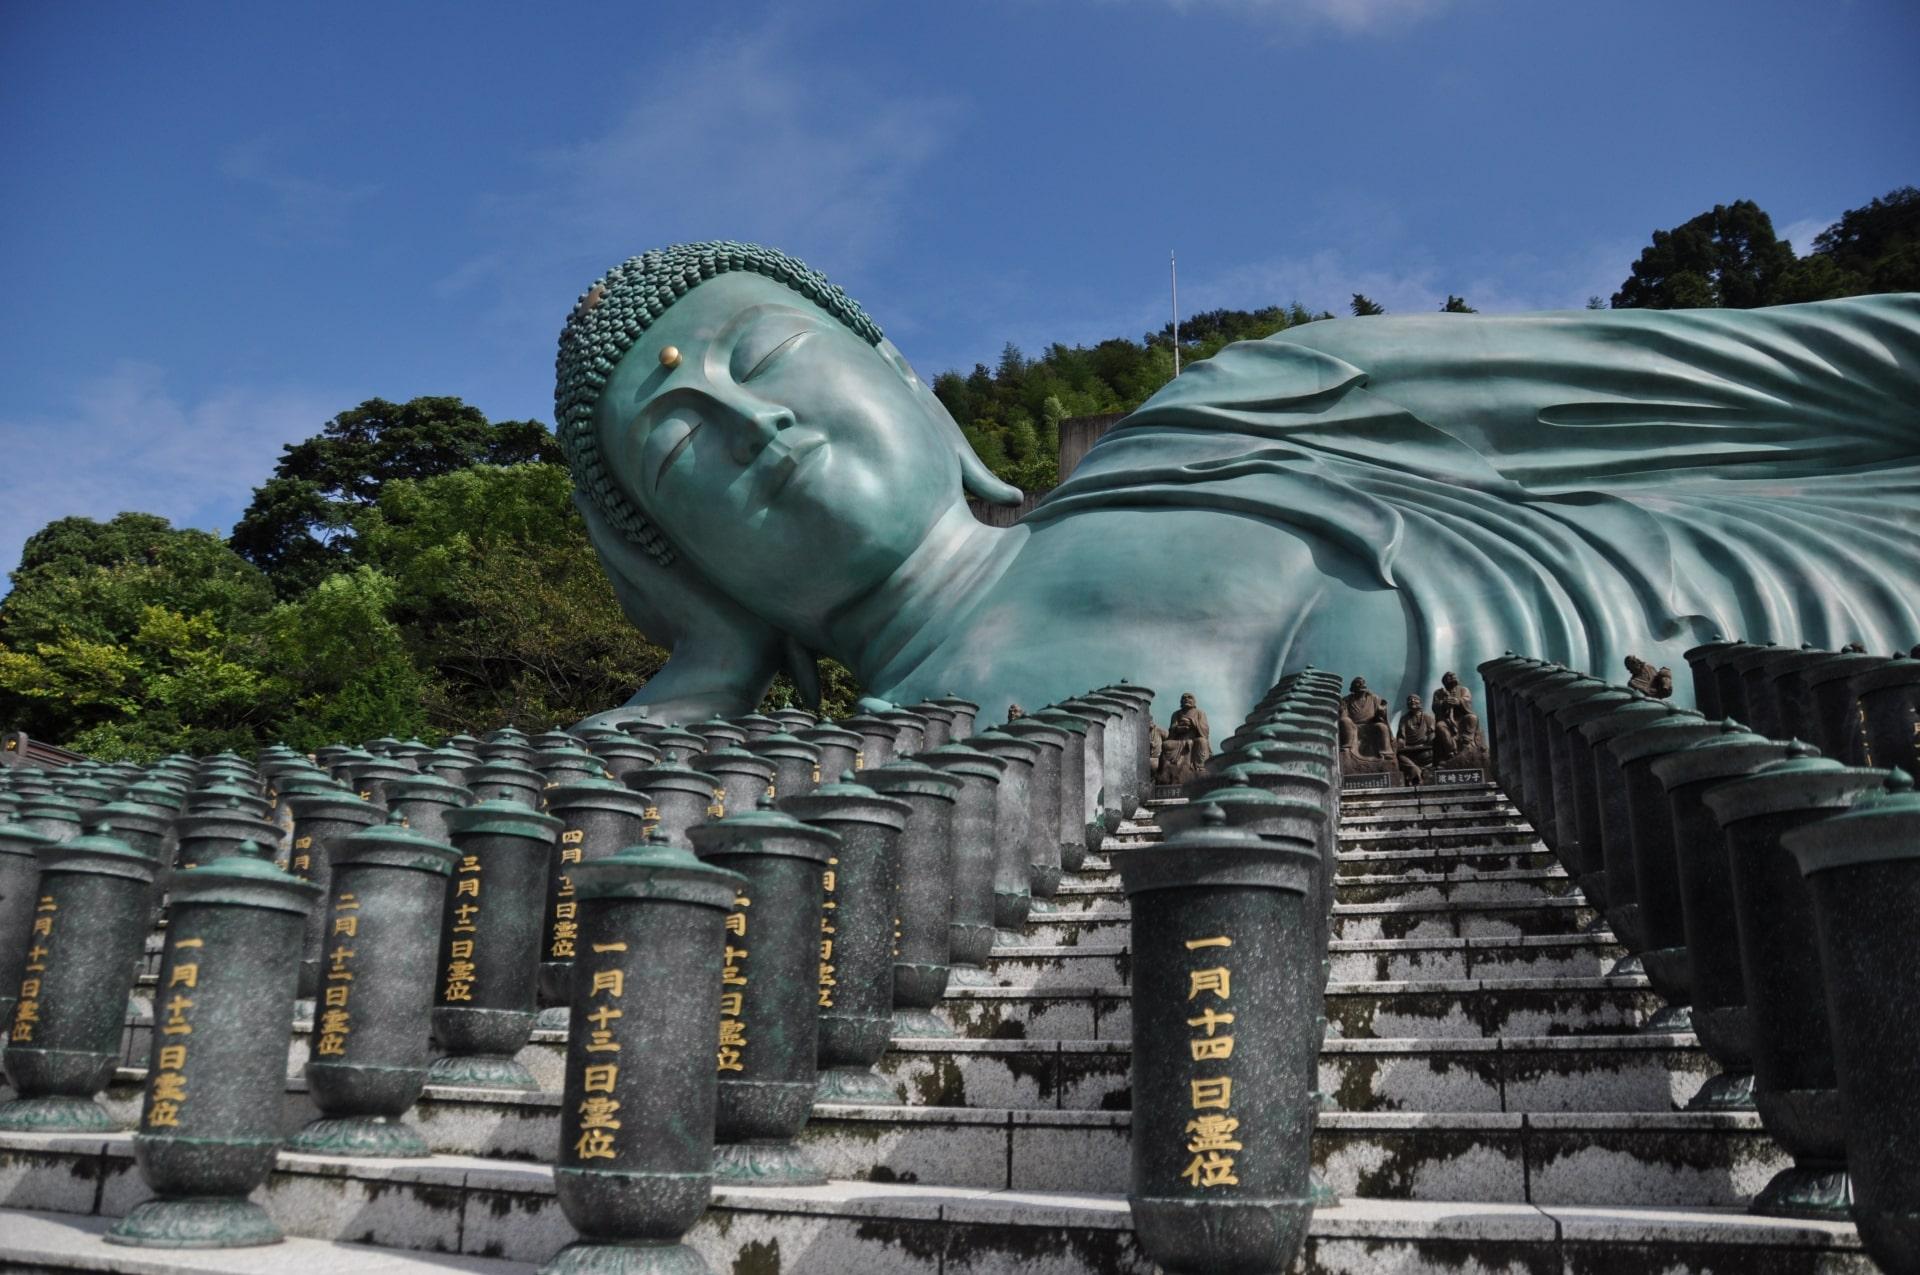 Nanzoin Temple Buddha inFukuoka